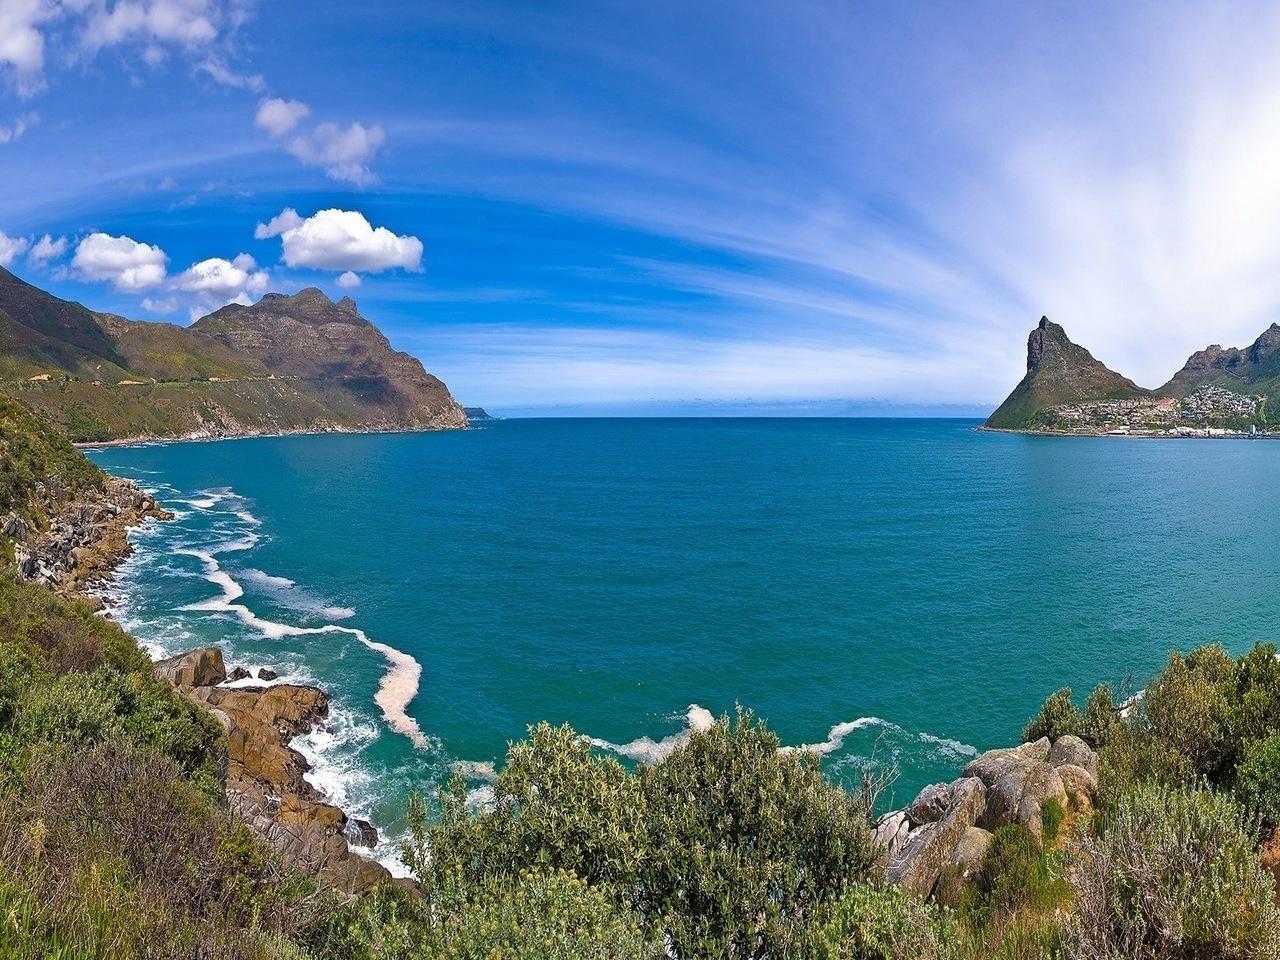 26607 免費下載壁紙 景观, 山, 海, 云 屏保和圖片